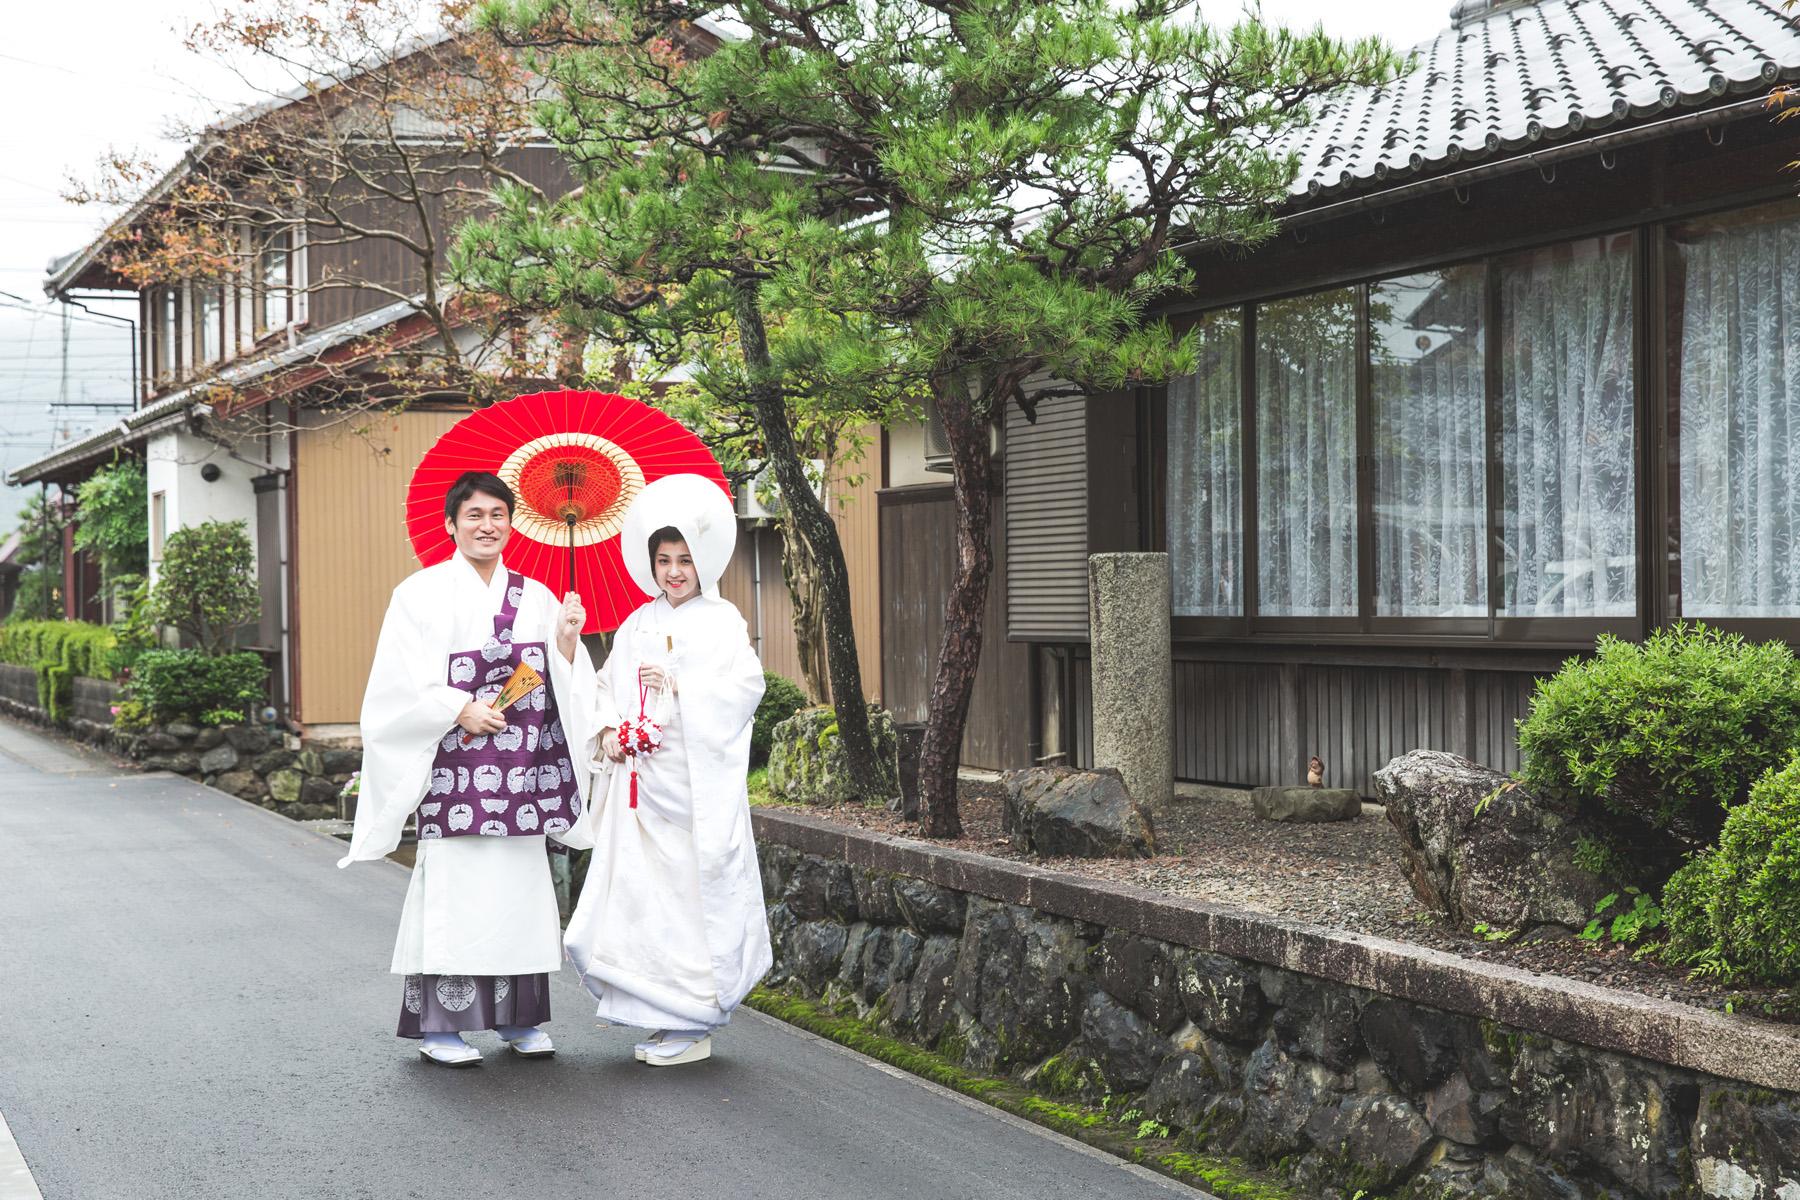 滋賀県長浜市のお寺での仏前式撮影